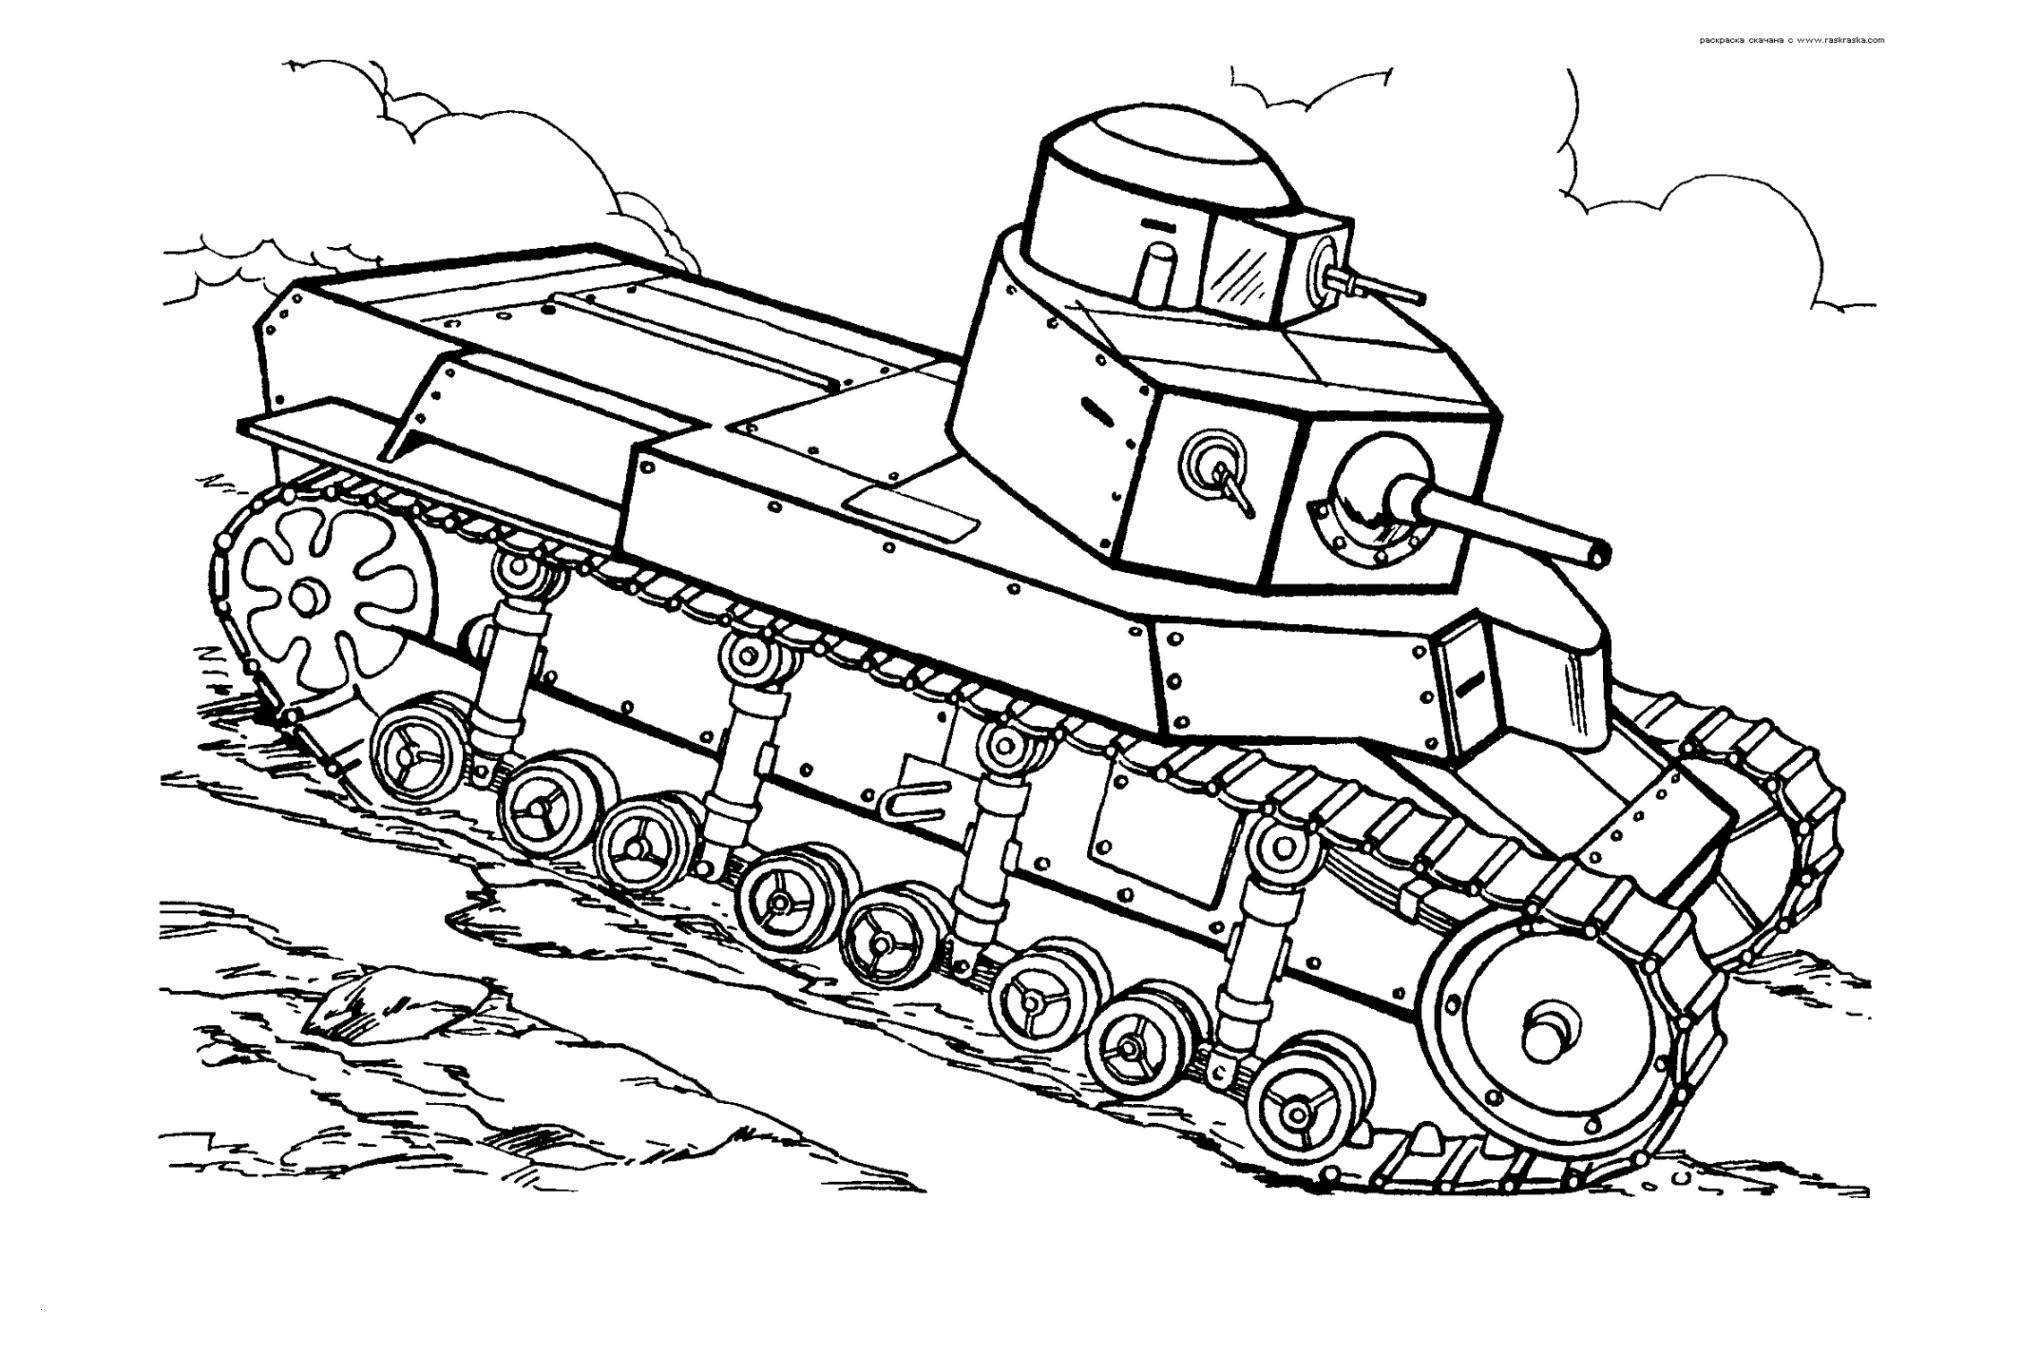 Panzer Zum Ausmalen Genial 40 Ausmalbilder Armee Scoredatscore Einzigartig Malvorlagen Panzer Stock